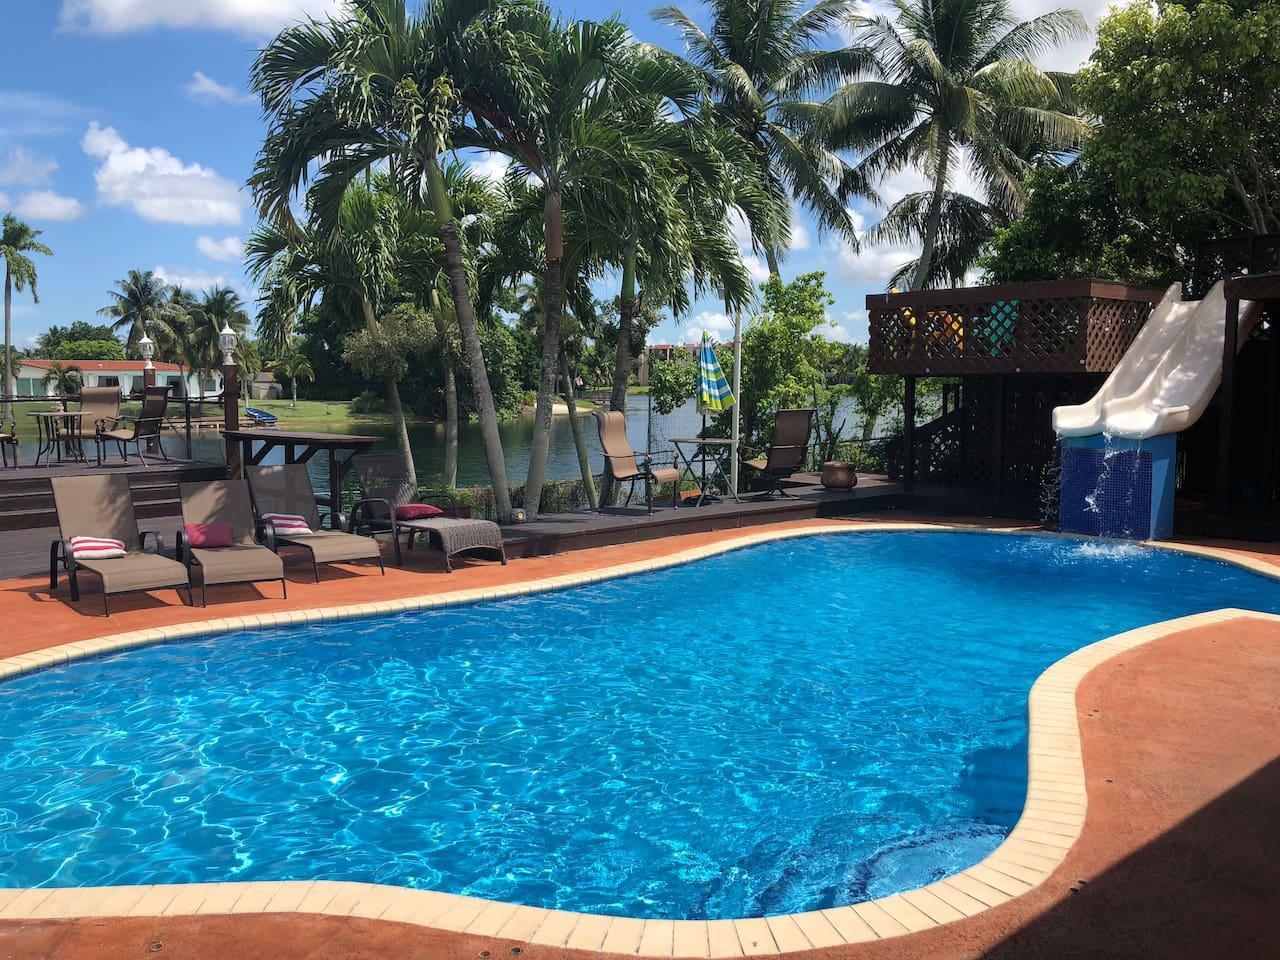 Pool, Water Slide, Sunbeds